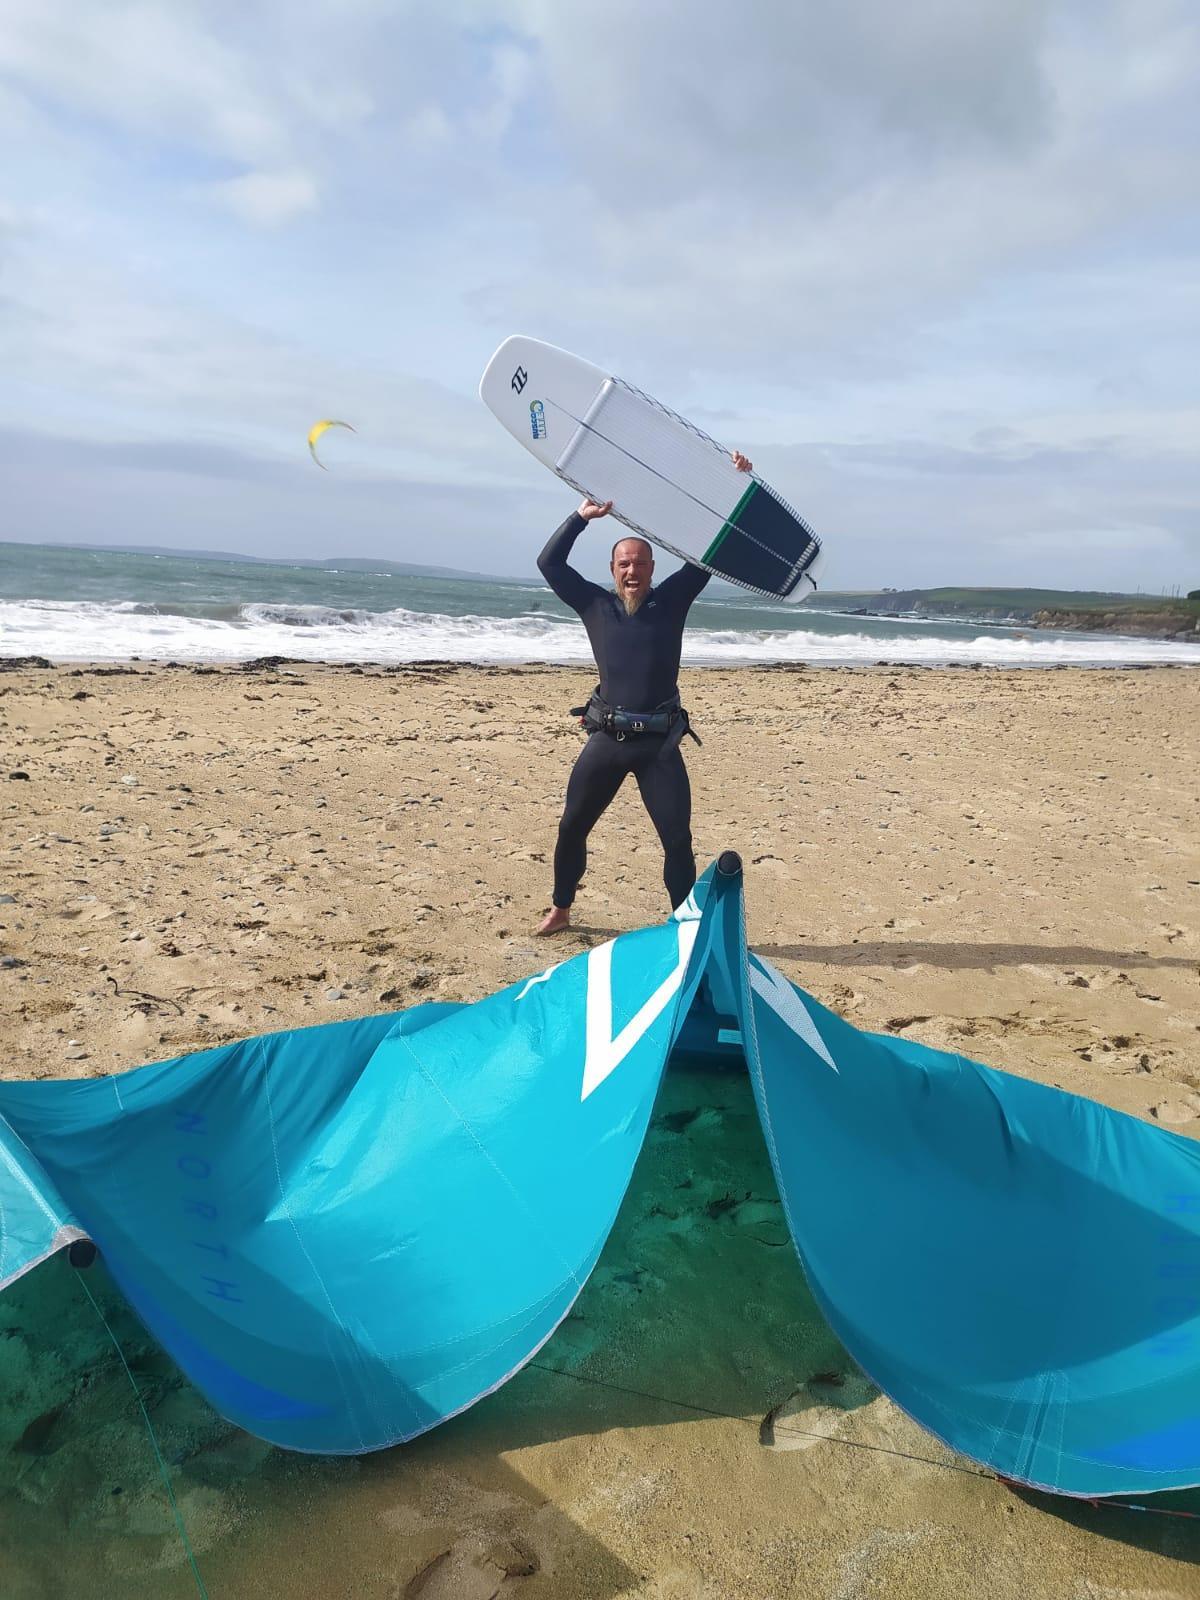 Una persona con una tabla de surf en la playa  Descripción generada automáticamente